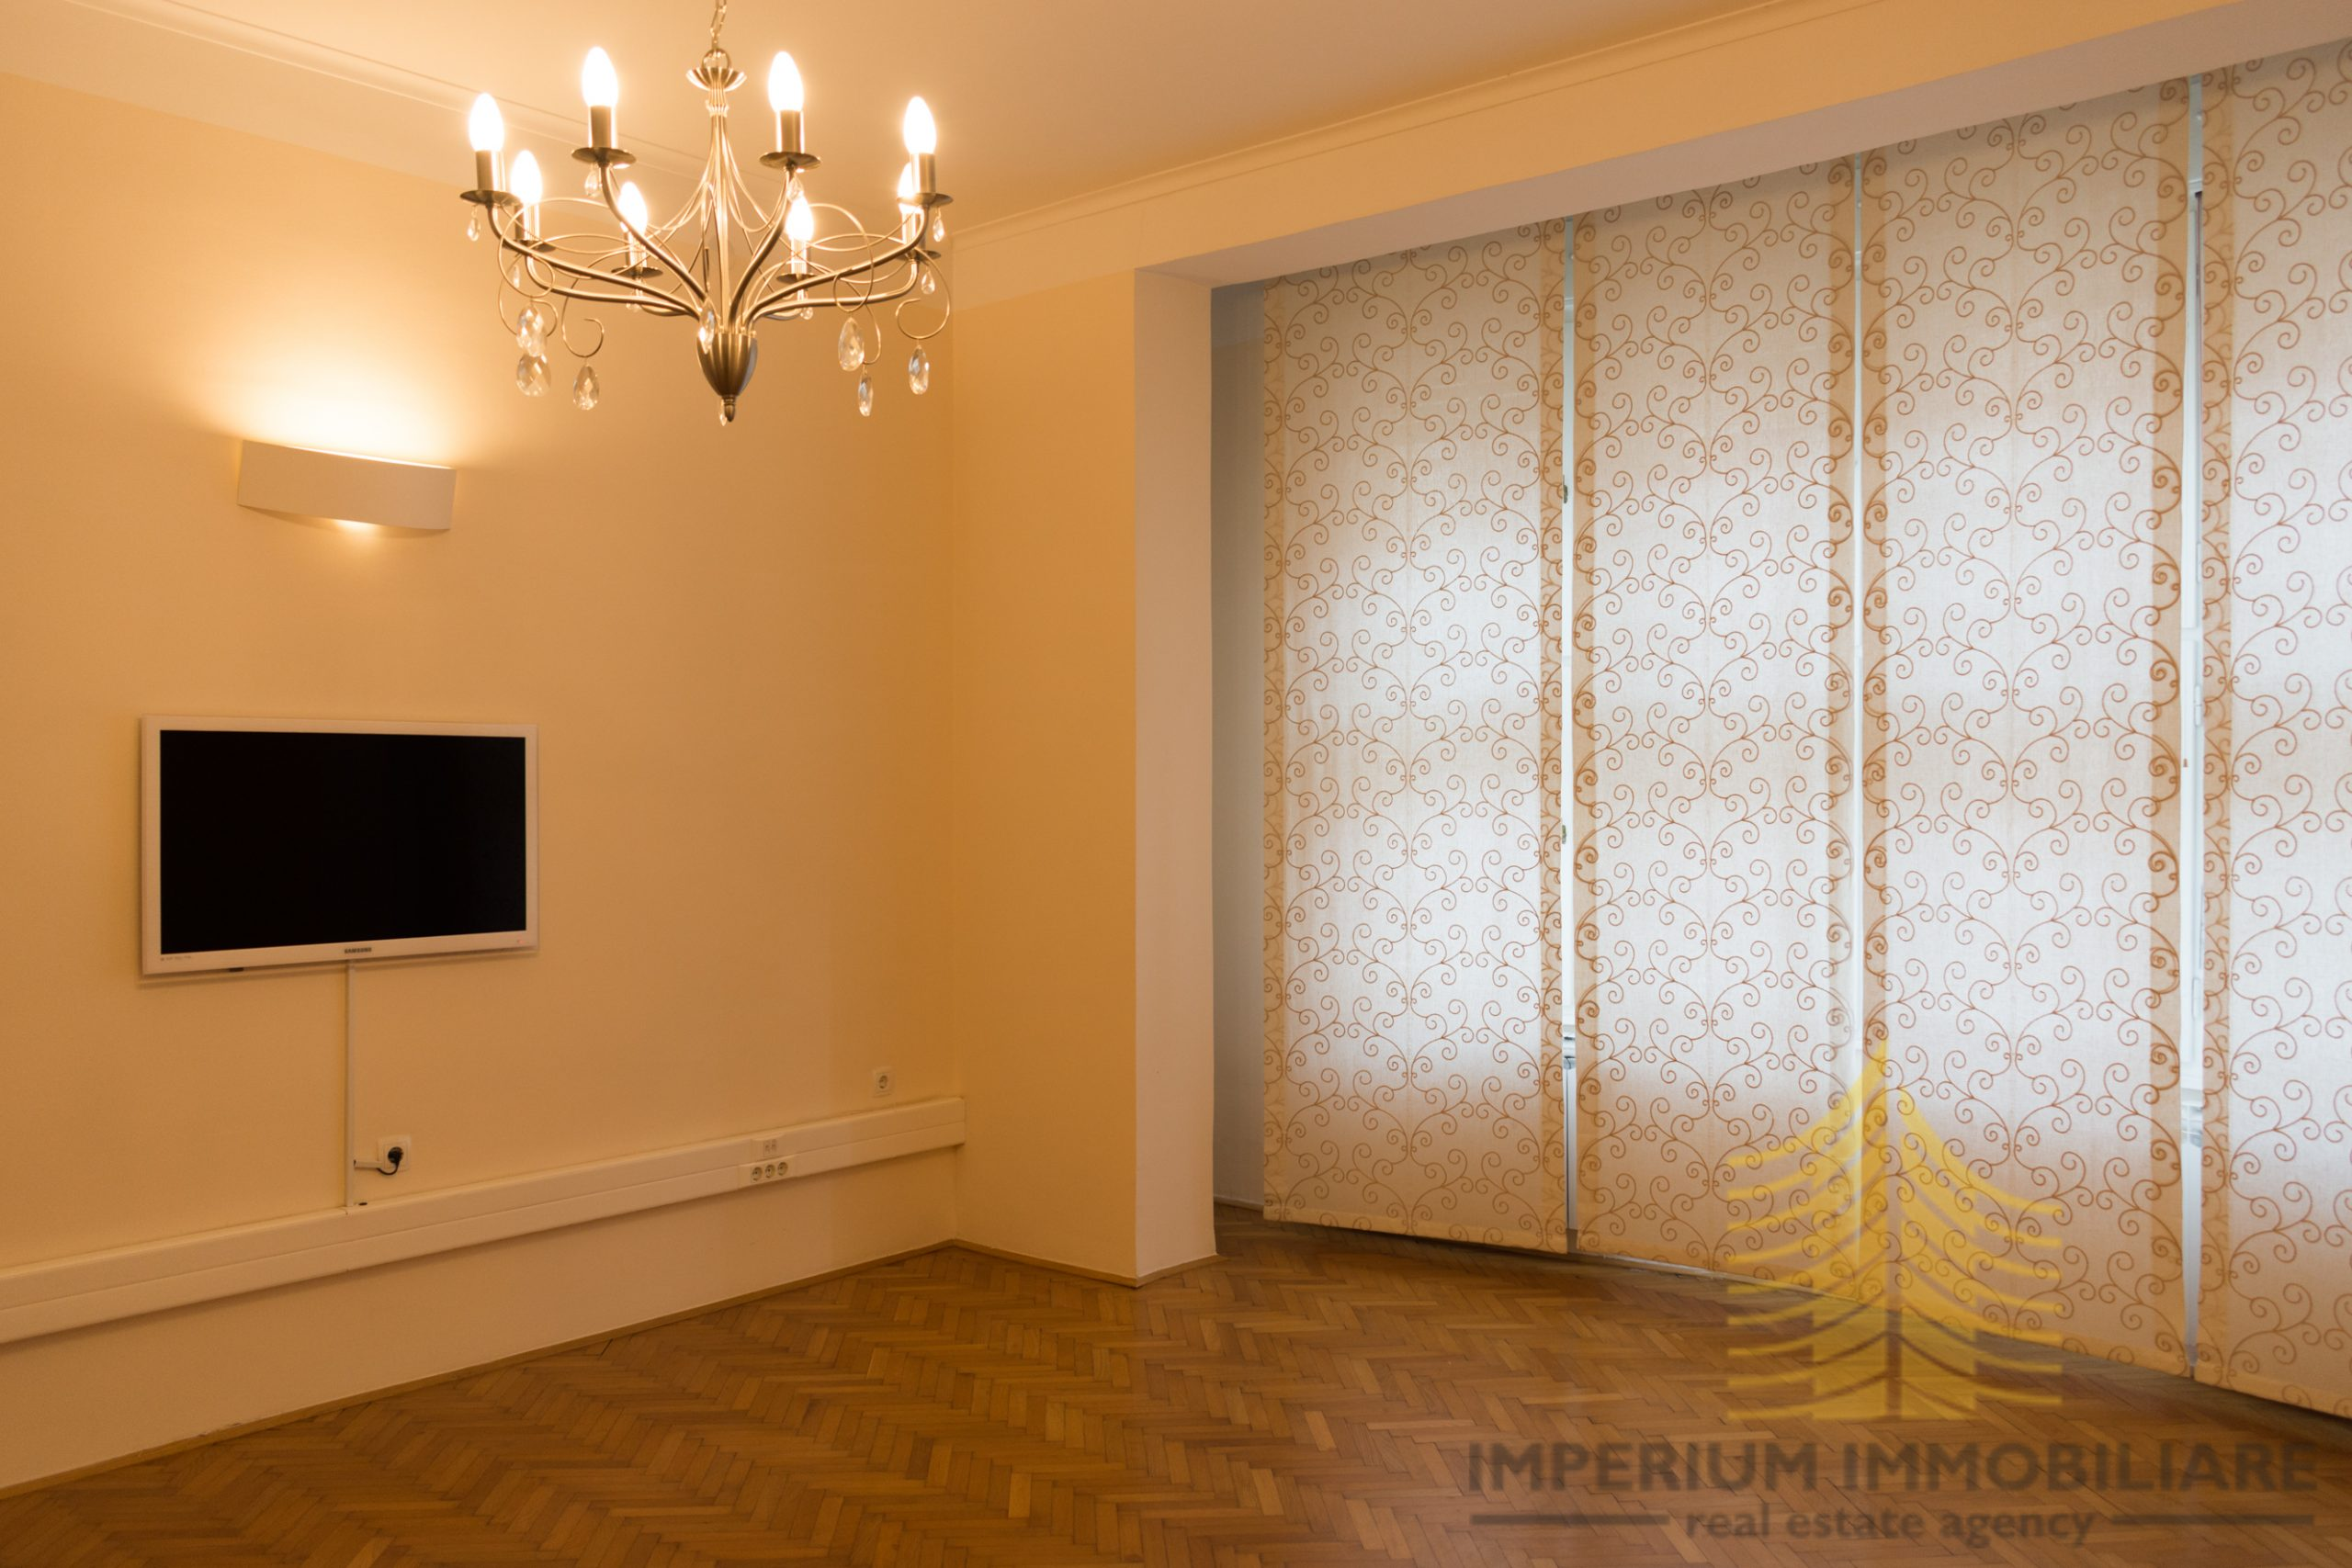 Poslovni prostor: Zagreb (Donji grad), uredski, 135 m2 (iznajmljivanje)